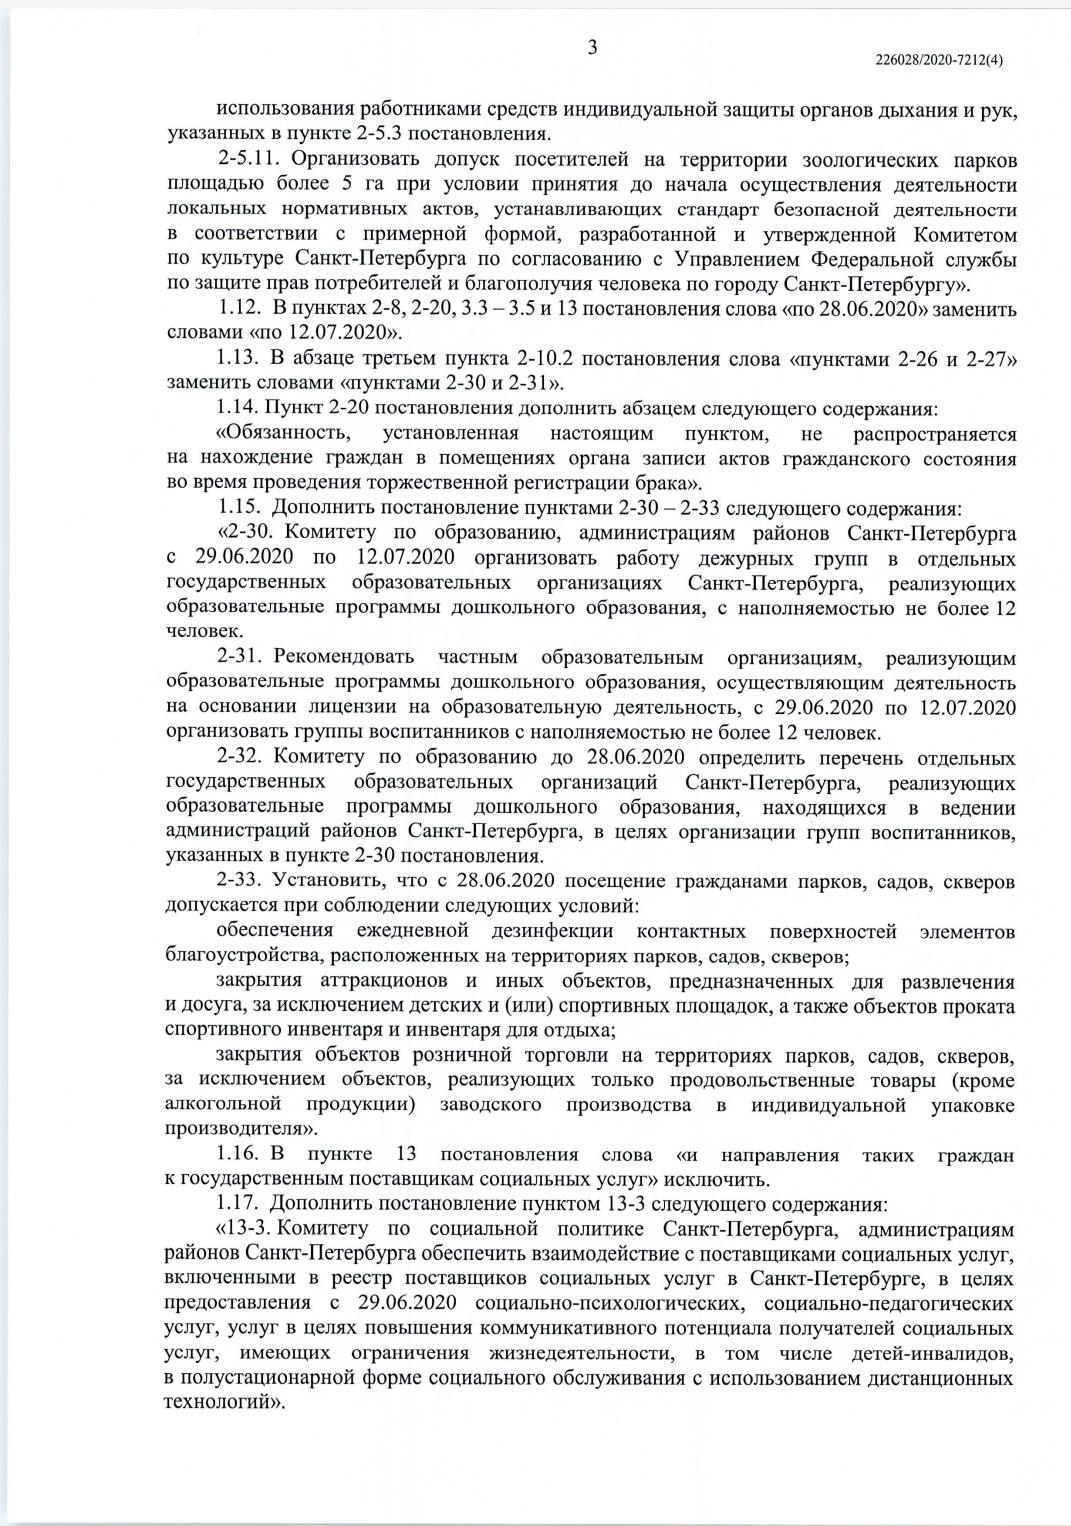 Screenshot_20200625-191842_Office